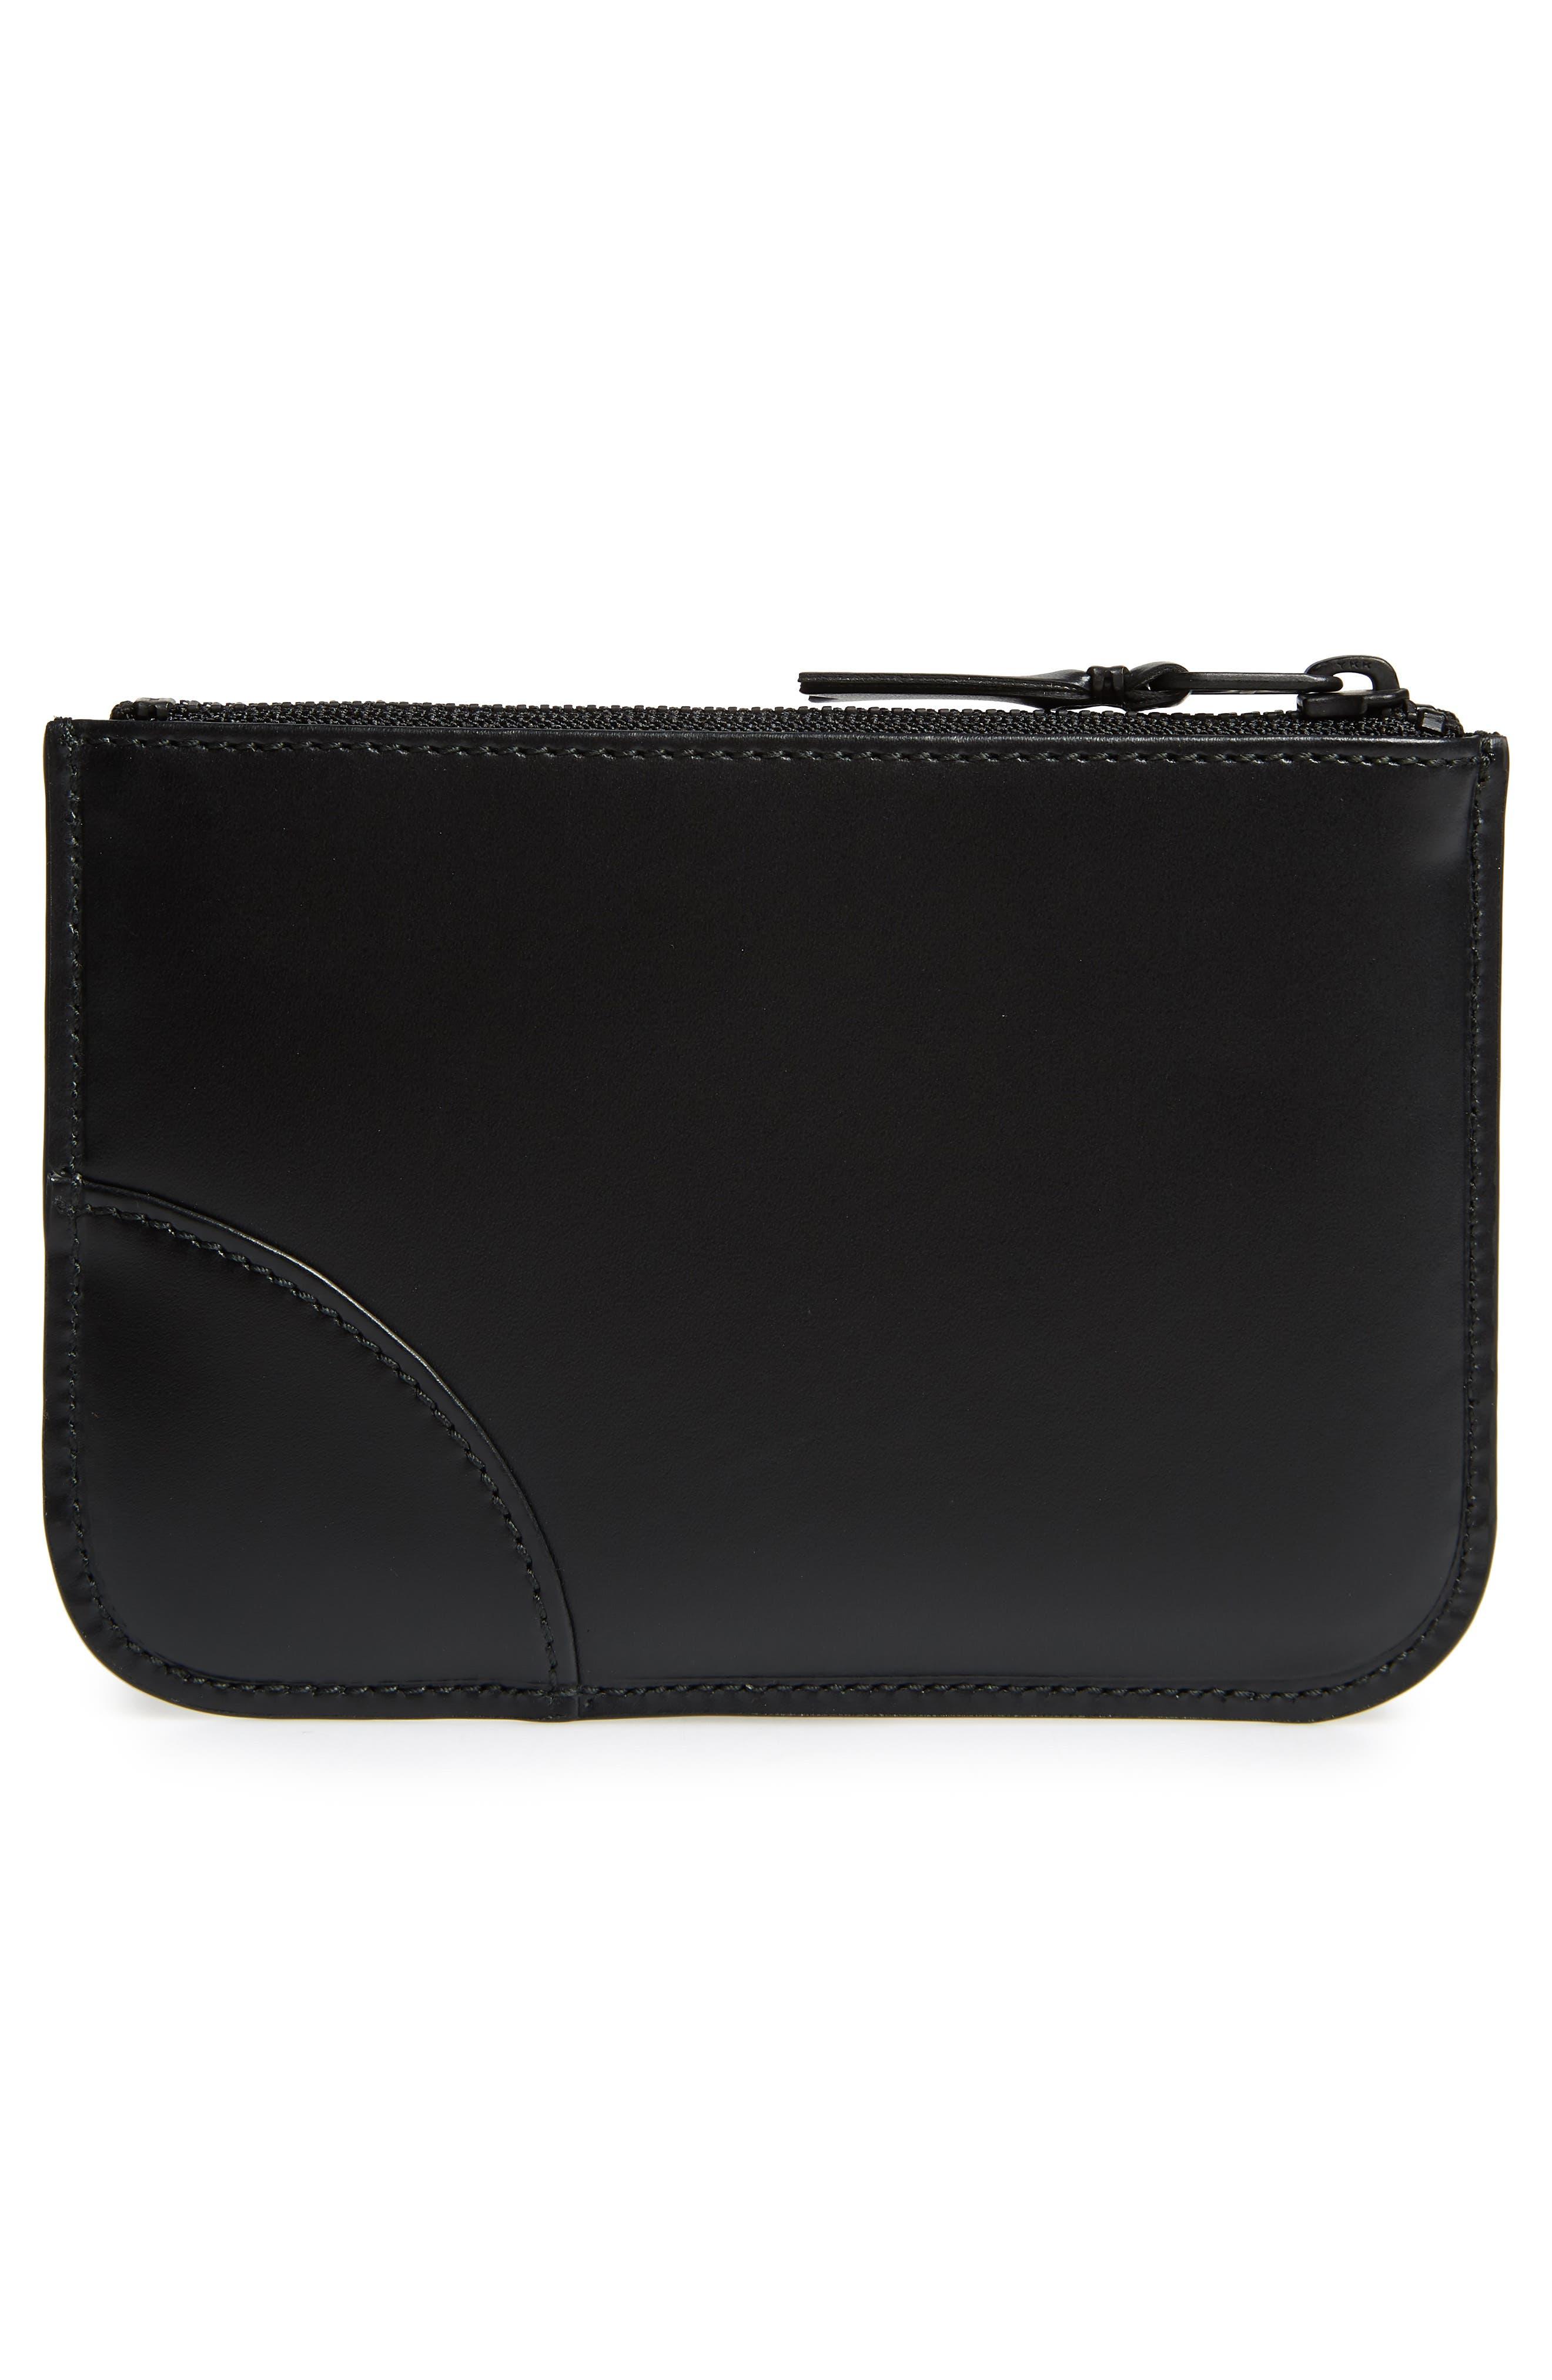 COMME DES GARÇONS, Very Black Leather Line Wallet, Alternate thumbnail 3, color, BLACK